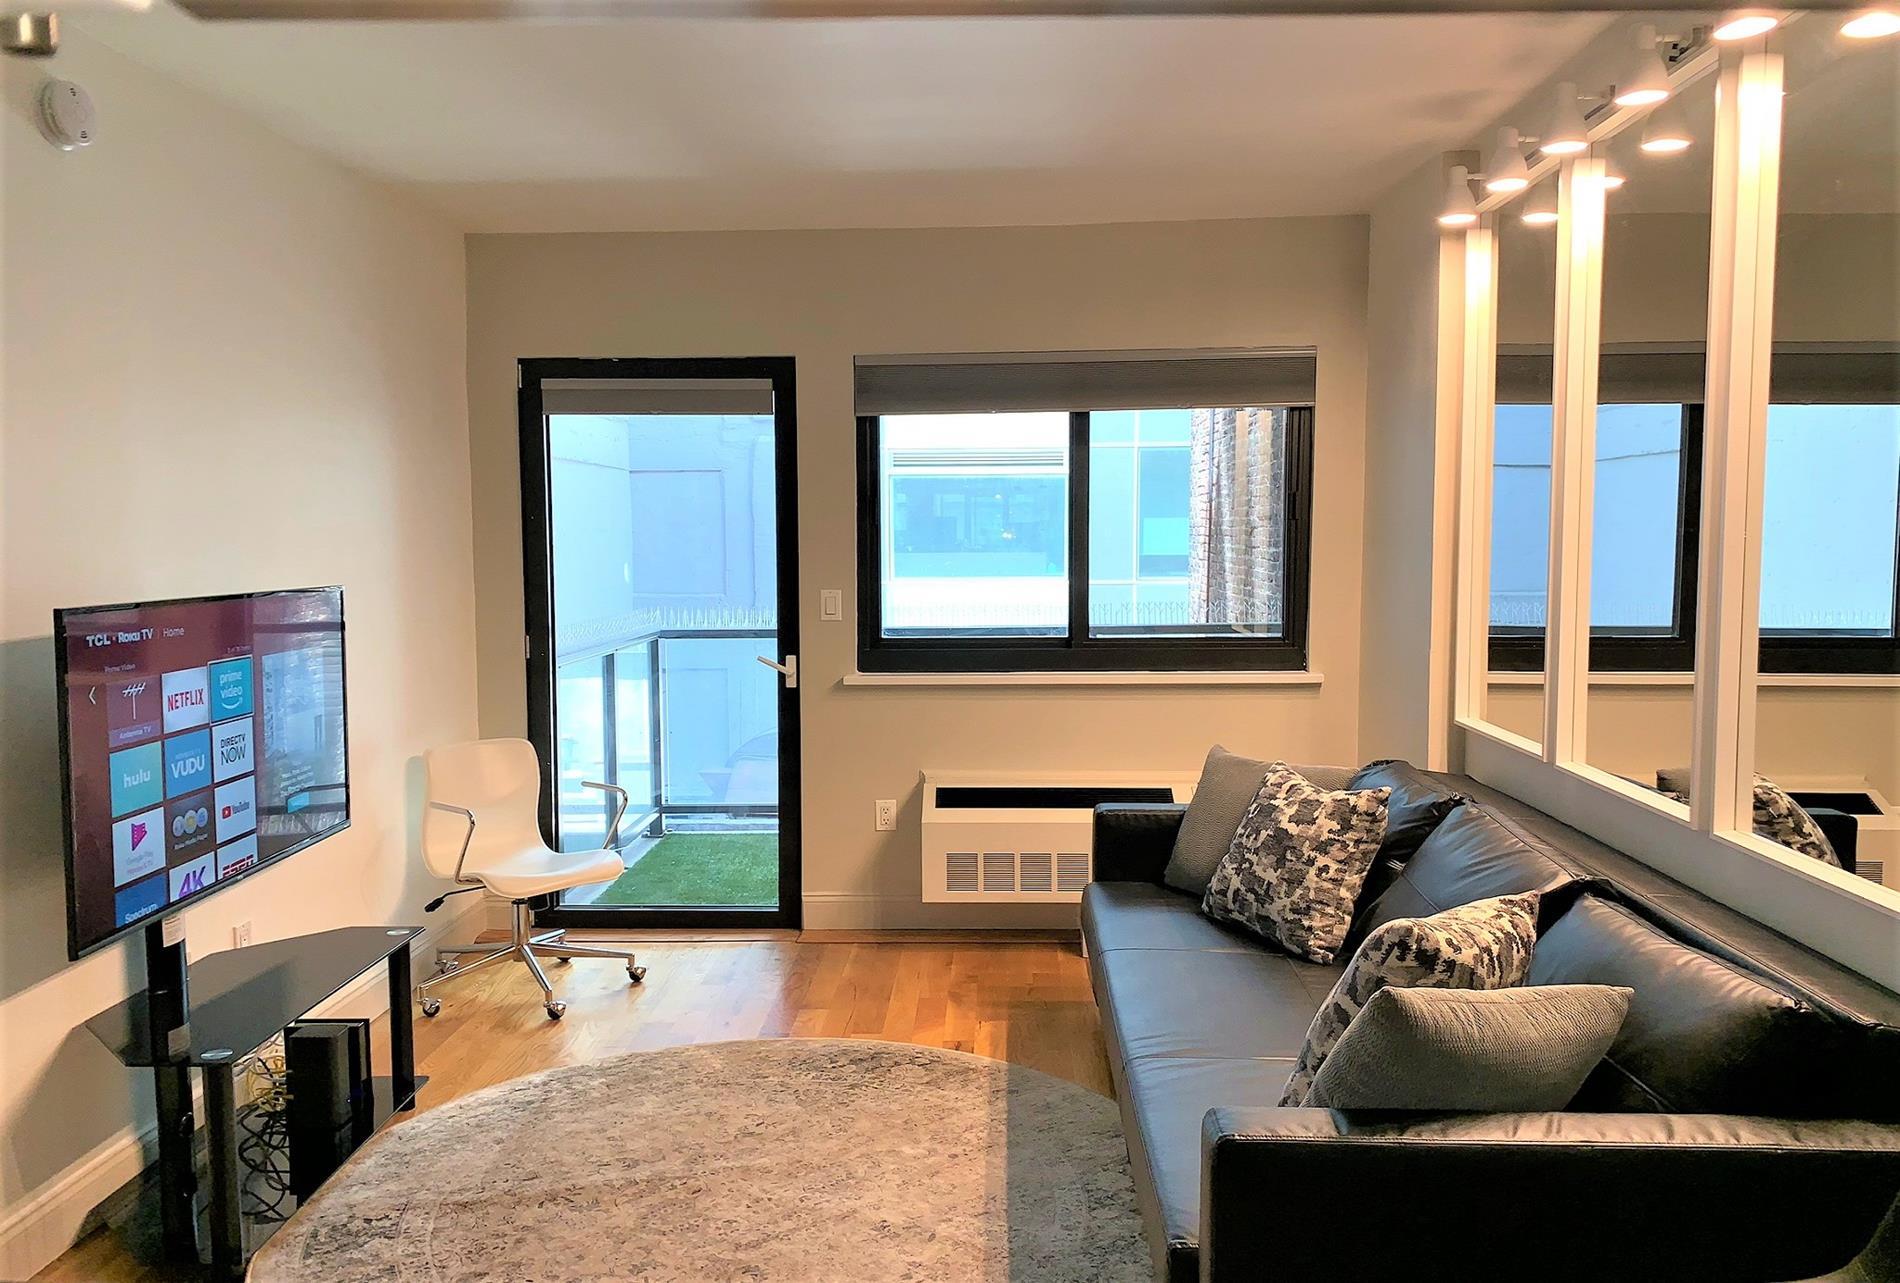 107 East 31st Street NoMad New York NY 10016